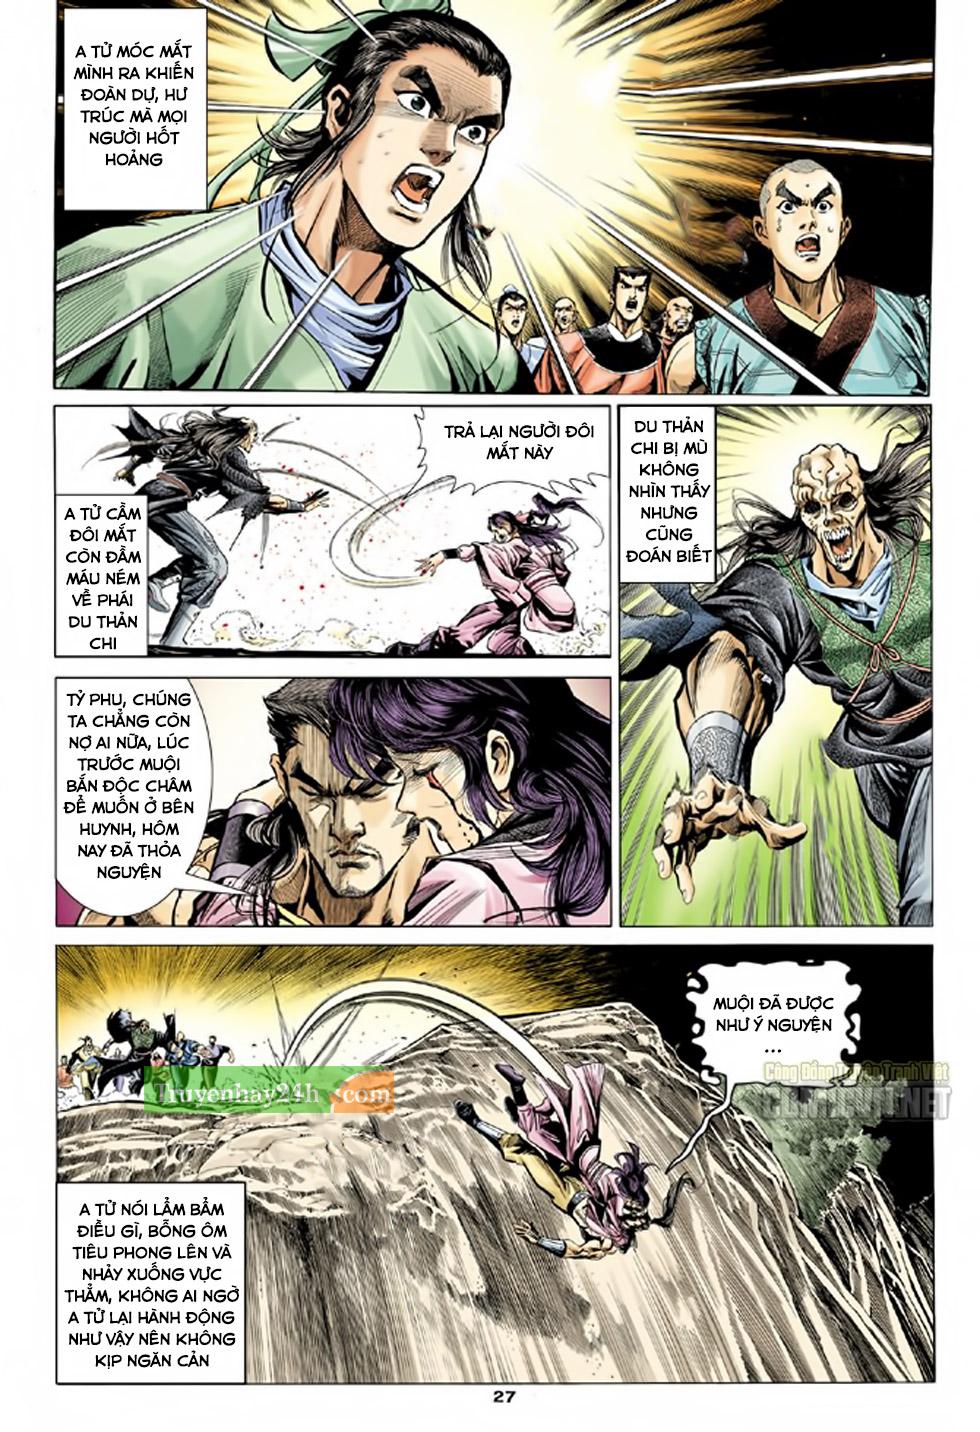 Thiên Long Bát Bộ chap 100 – End Trang 28 - Mangak.info